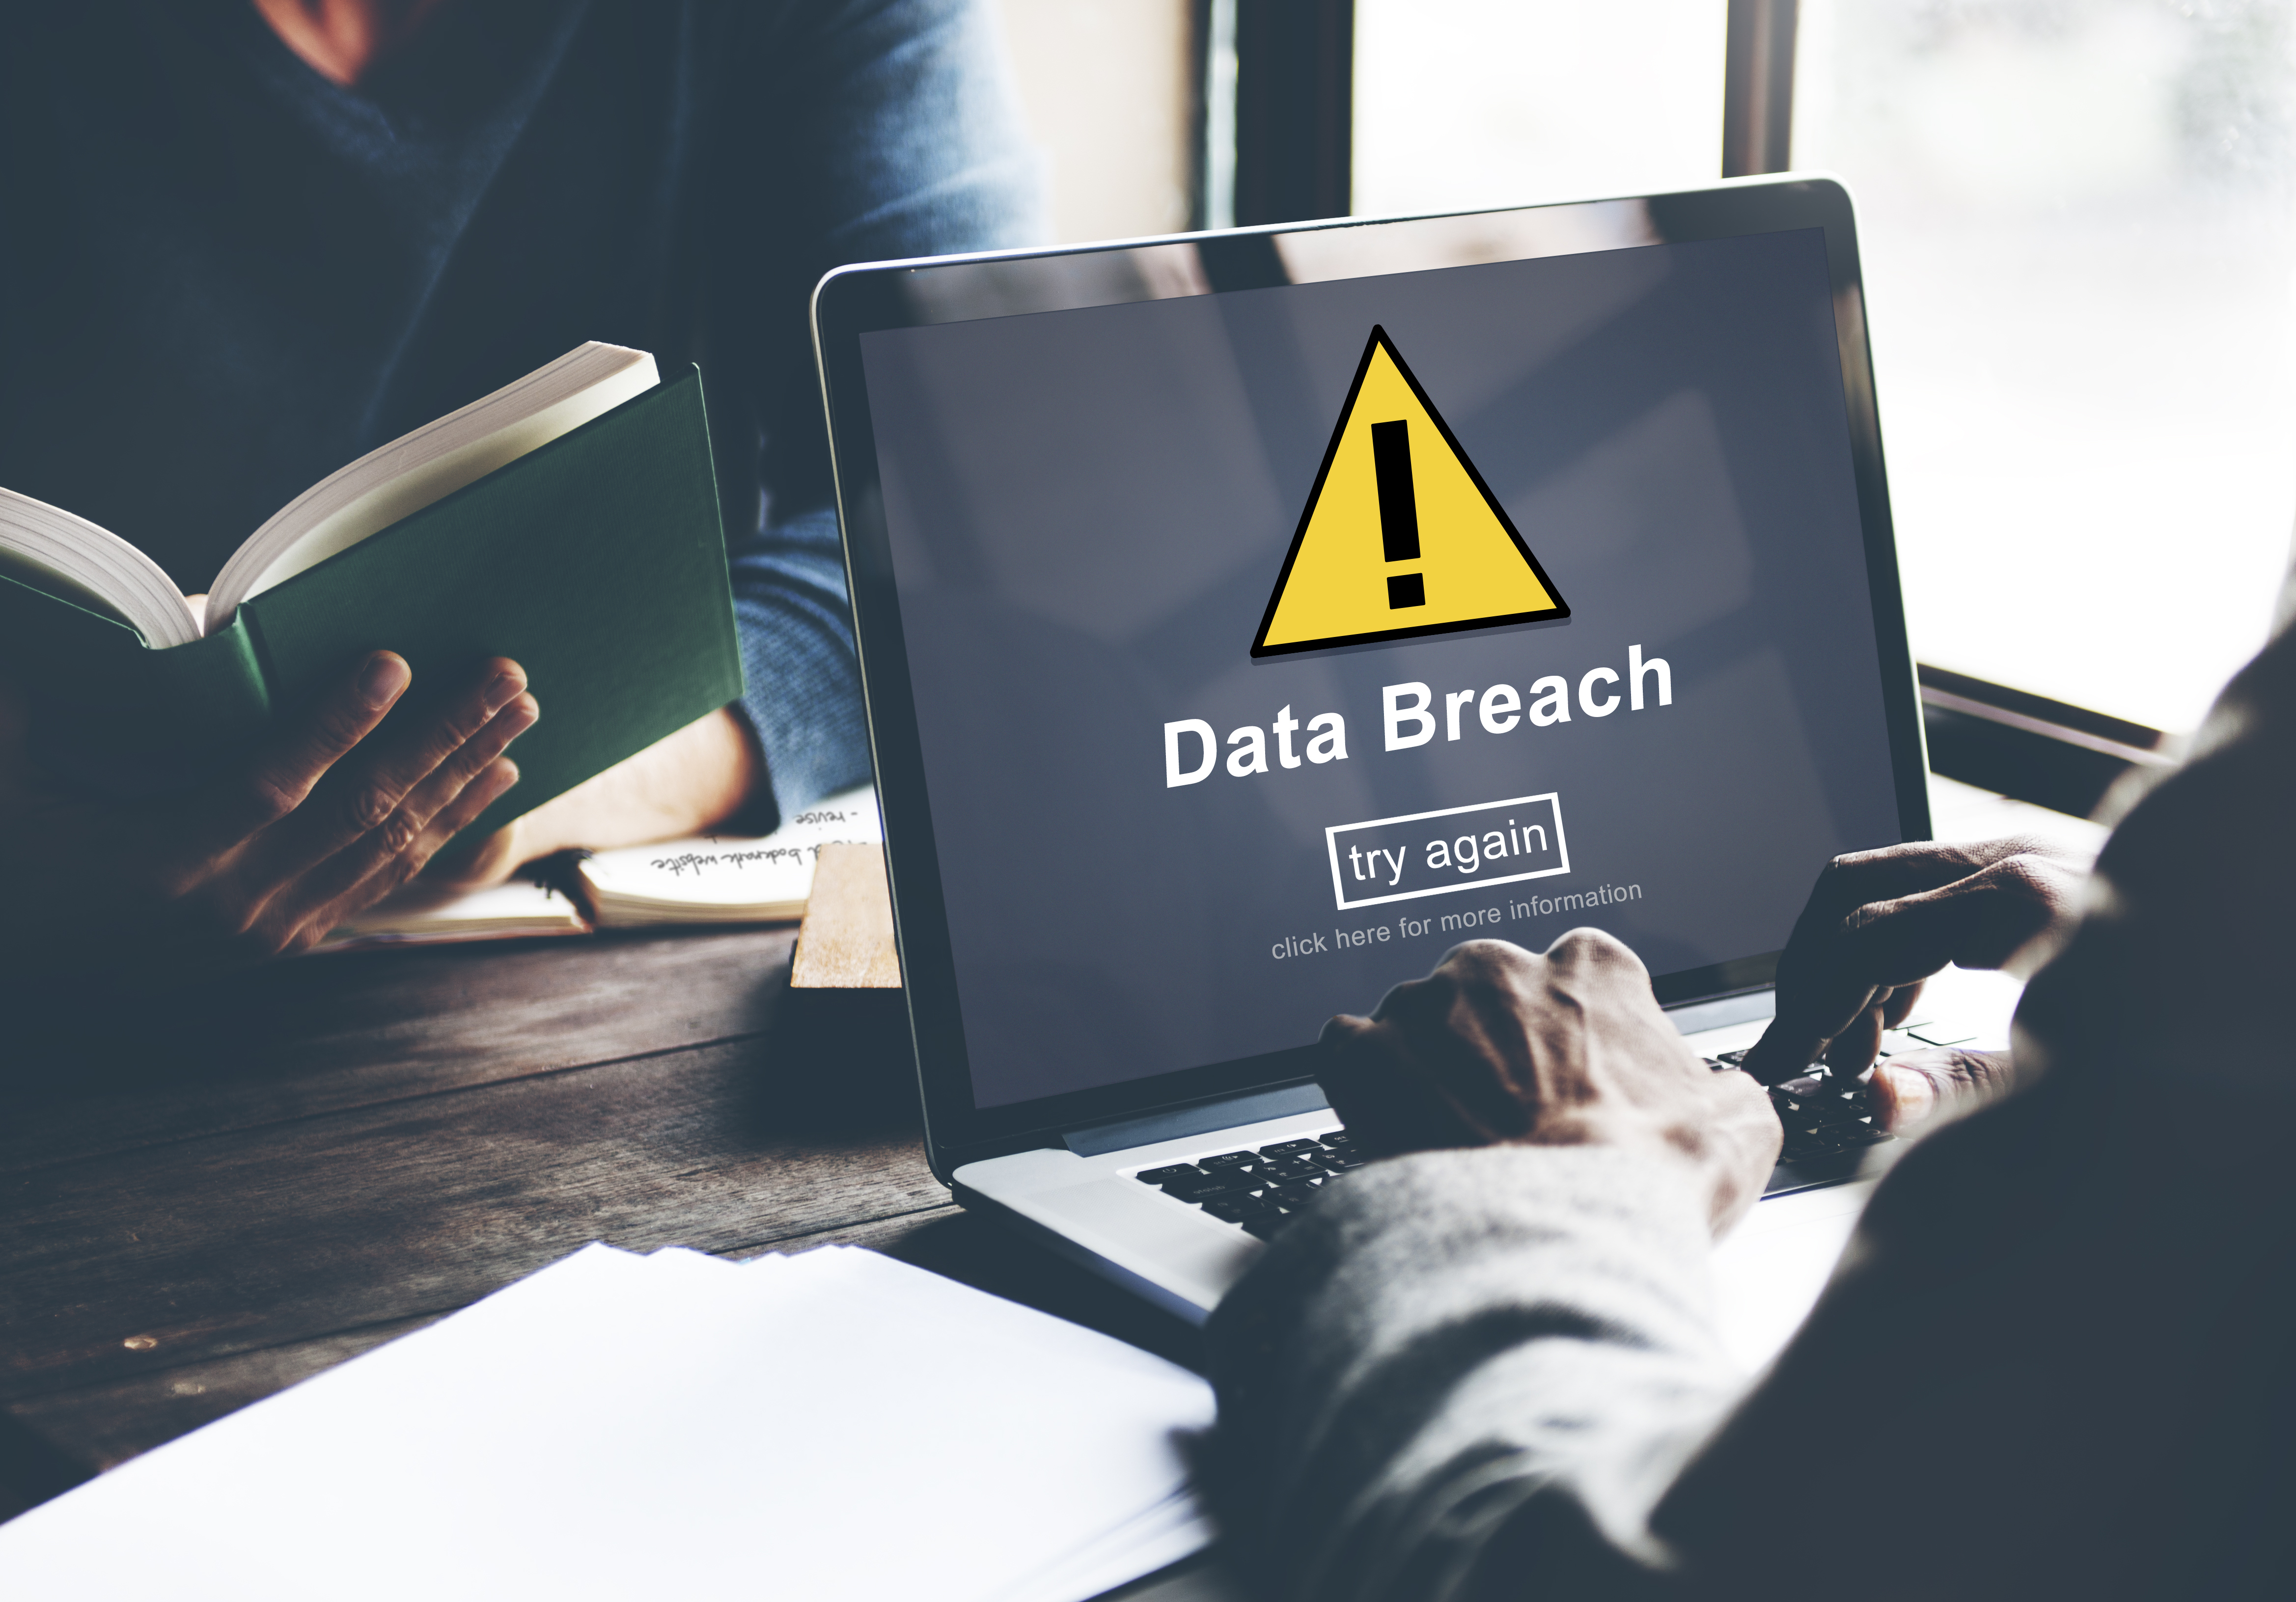 shutterstock_385704088 (Data Breach, Laptop)